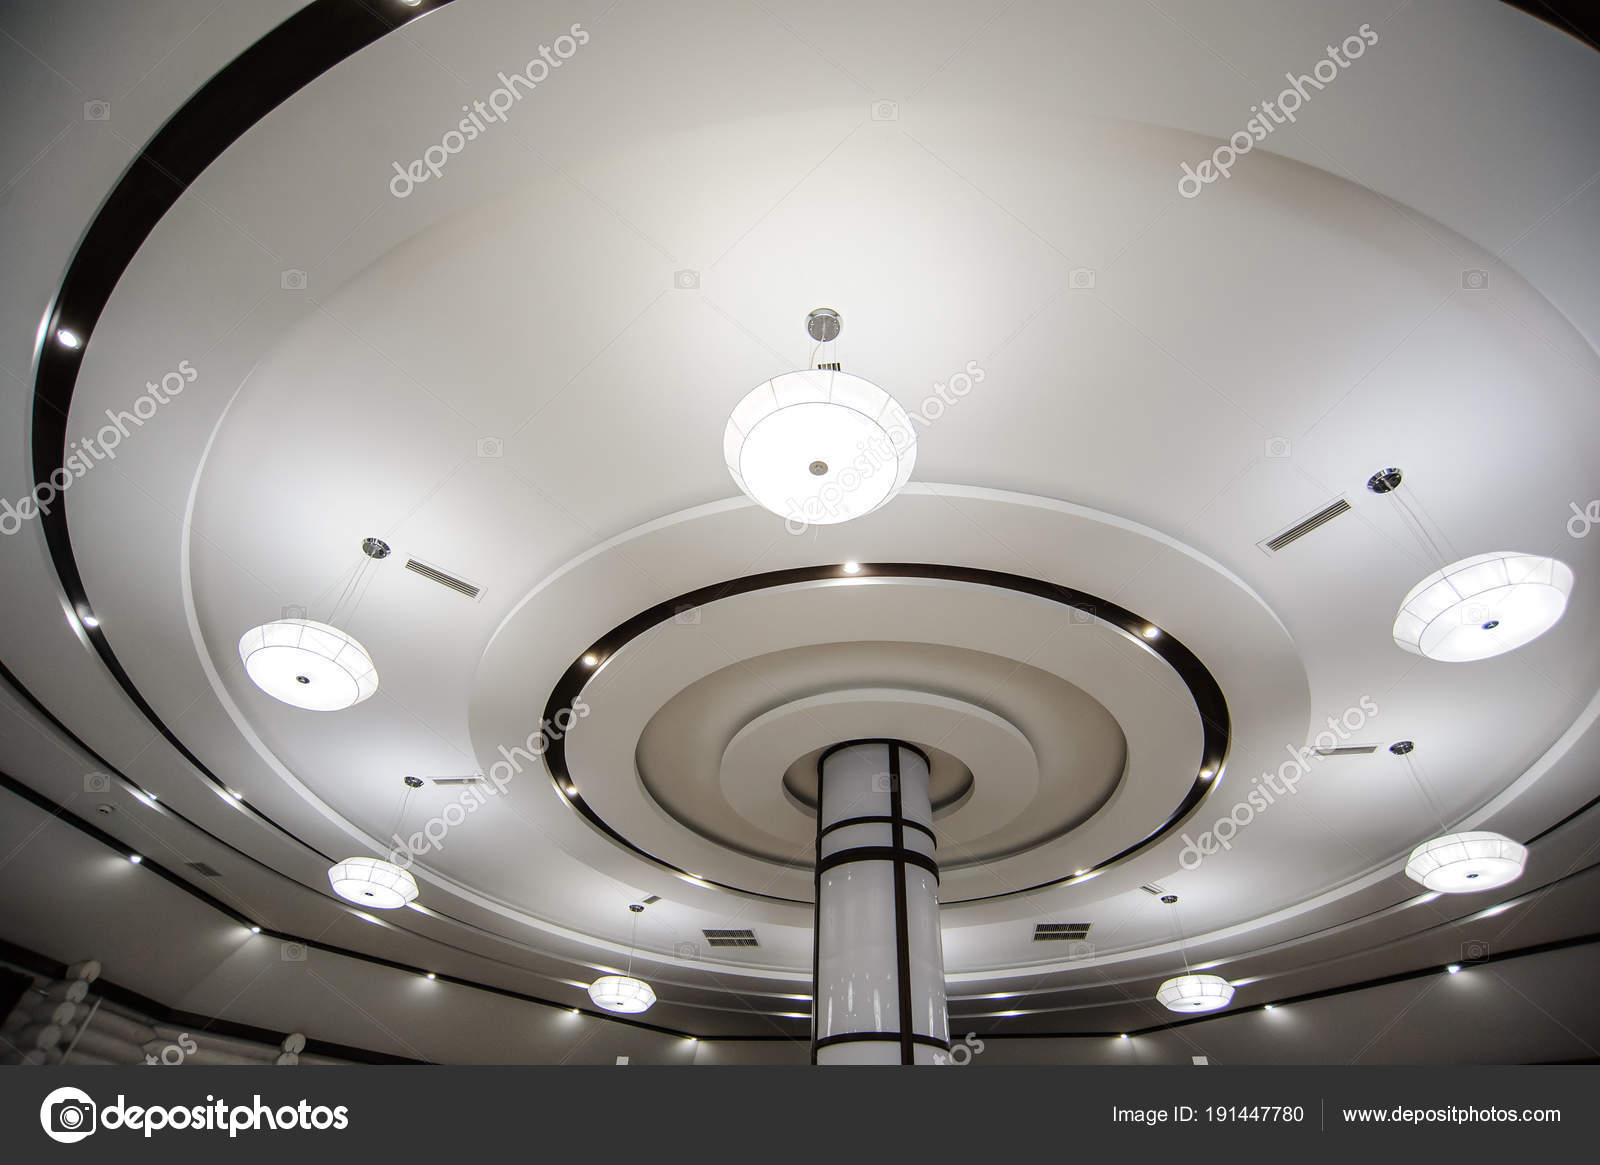 Plafoniere Soffitto Moderno : A soffitto tondo con plafoniere moderne bianco u foto stock